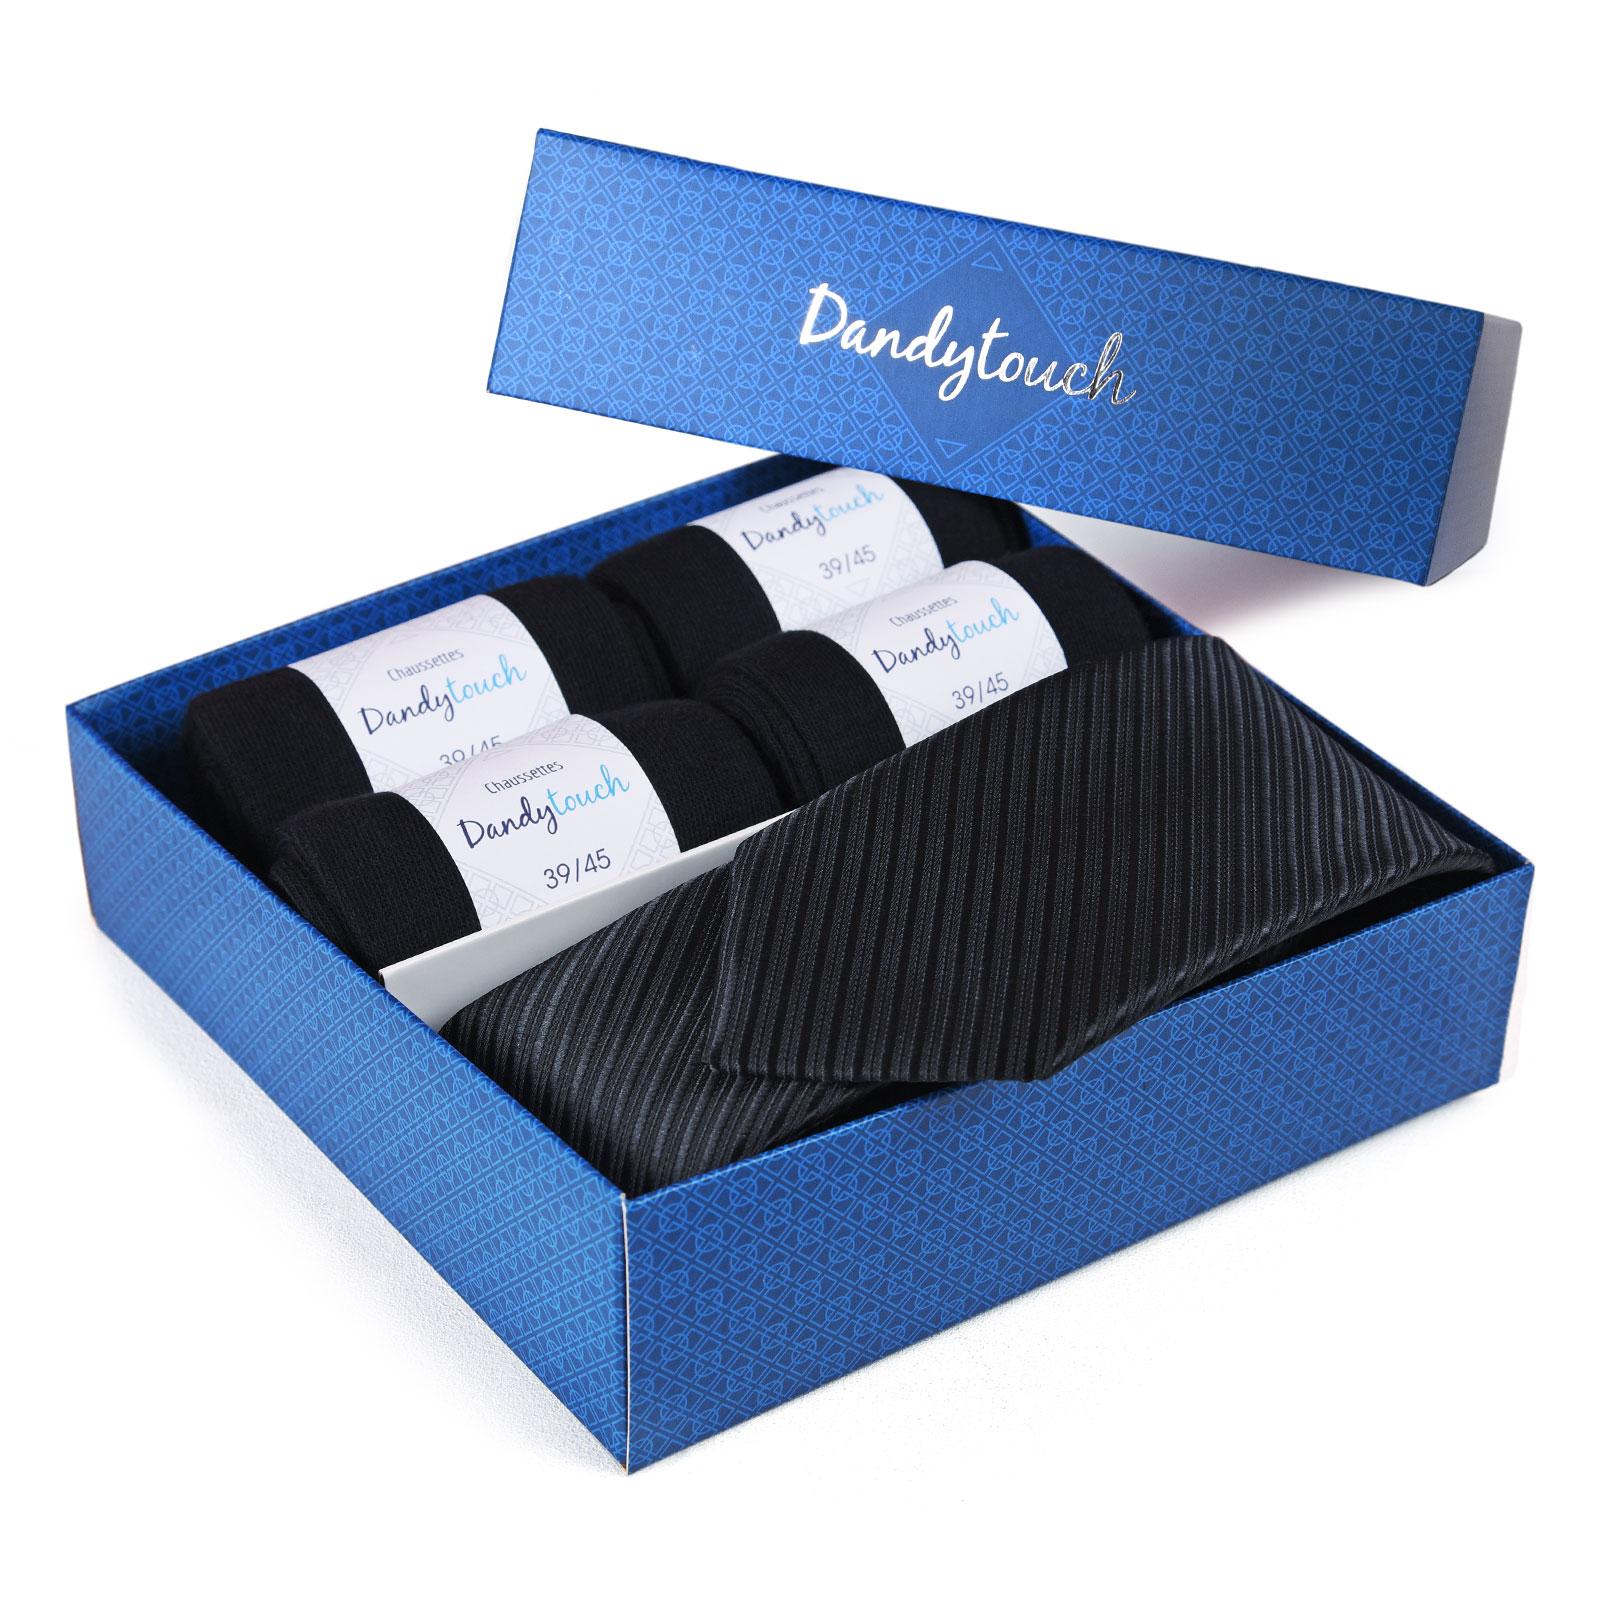 PK-00085-B16-coffret-cadeau-chaussettes-cravate-noir